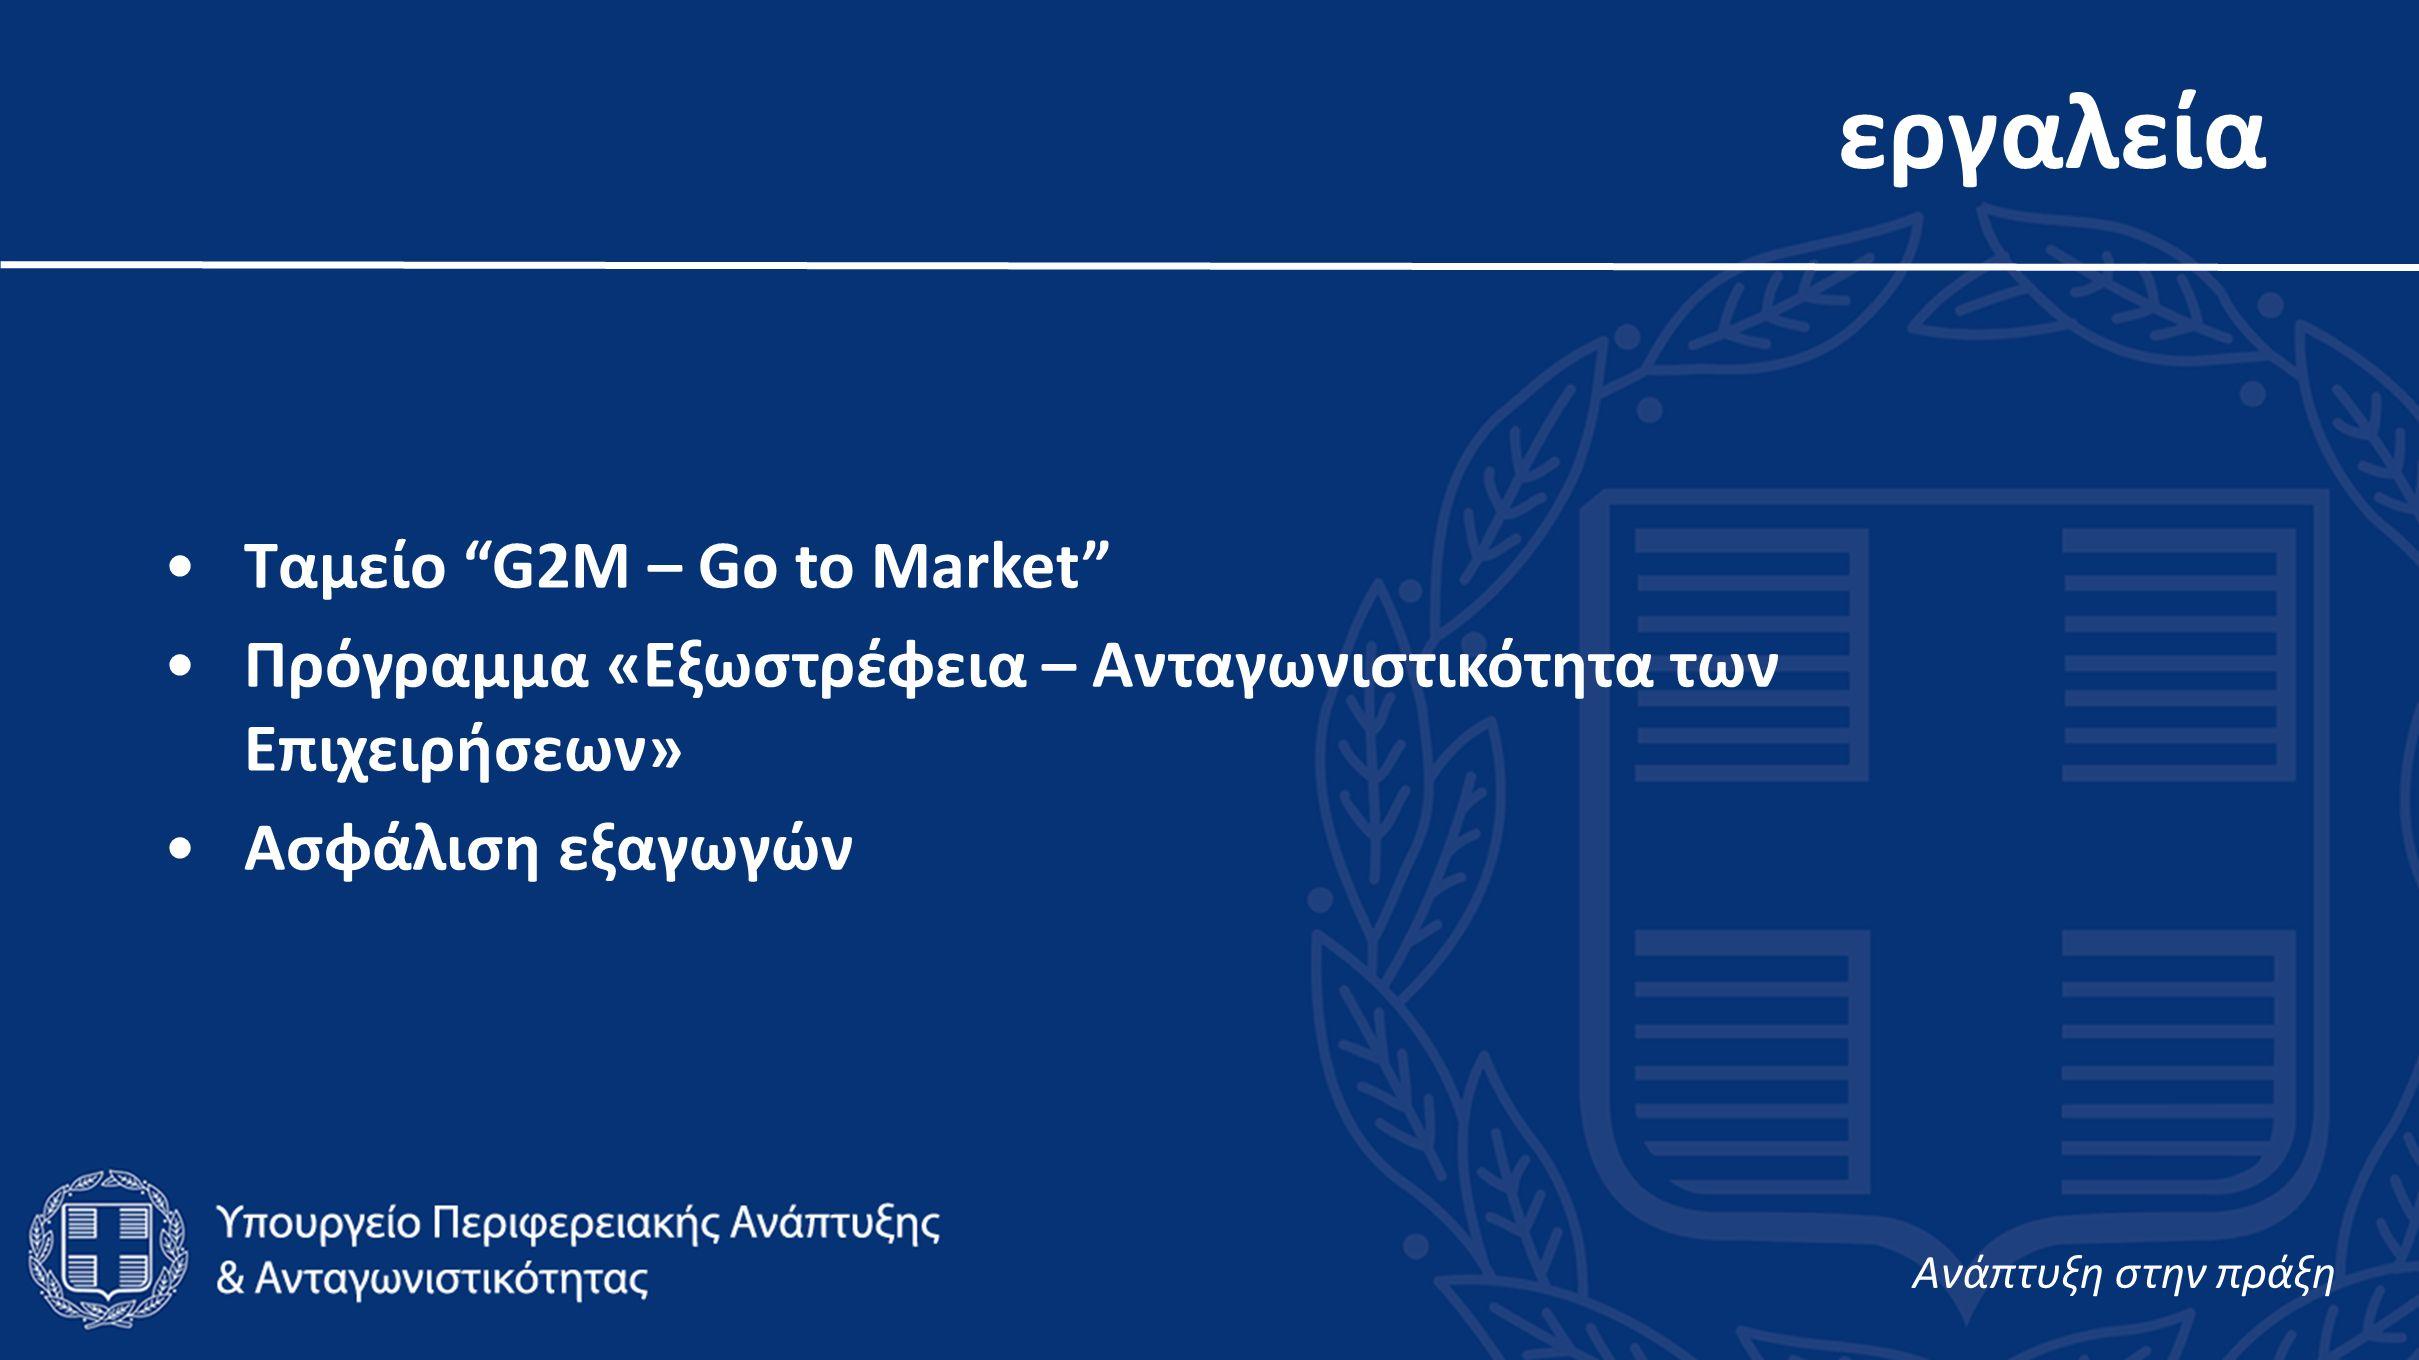 εργαλεία •Ταμείο G2M – Go to Market •Πρόγραμμα «Εξωστρέφεια – Ανταγωνιστικότητα των Επιχειρήσεων» •Ασφάλιση εξαγωγών Aνάπτυξη στην πράξη